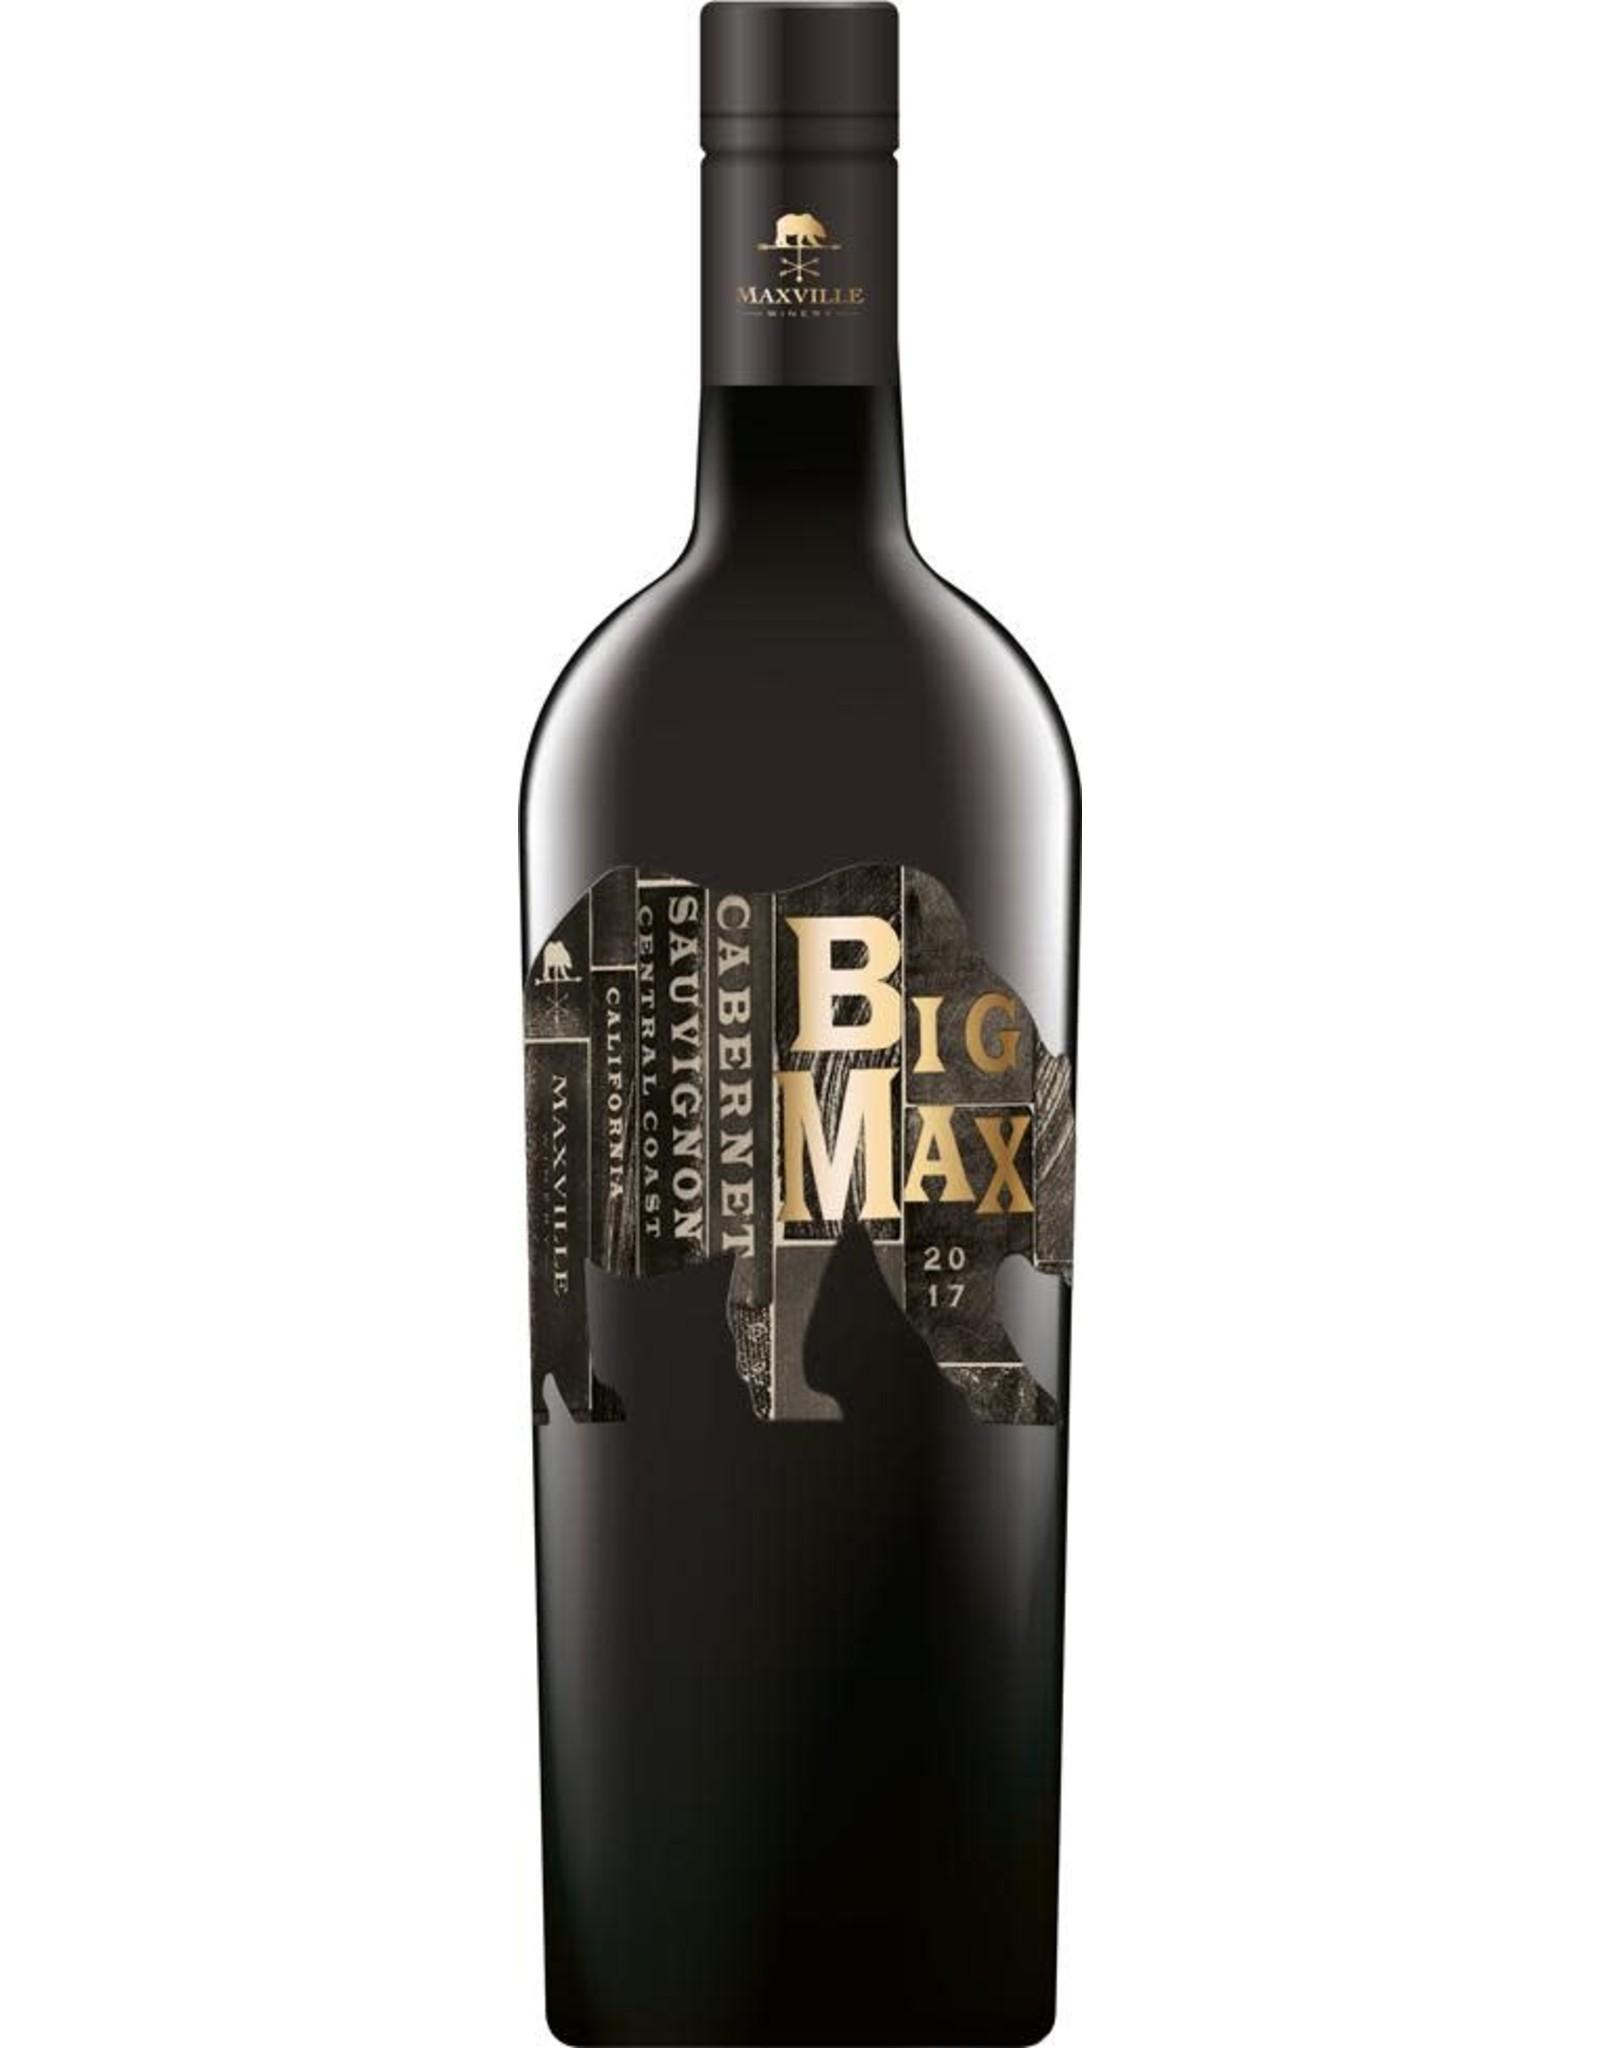 BIG MAX CABERNET SAUVIGNON 2017